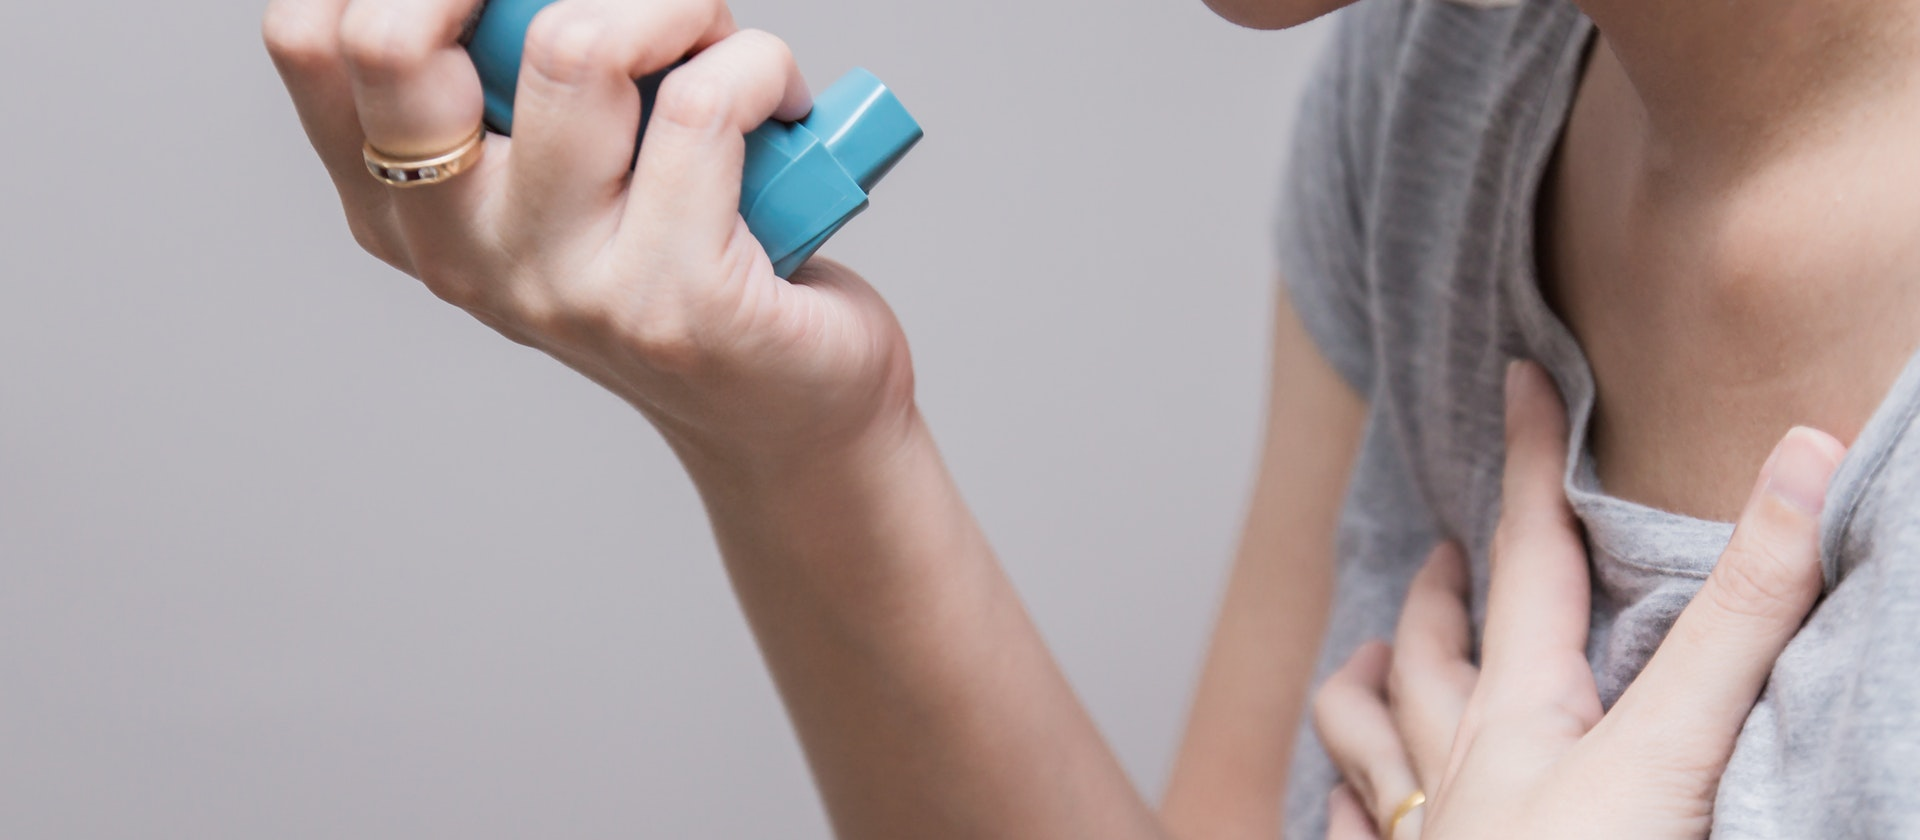 ضيق التنفس عند الاطفال